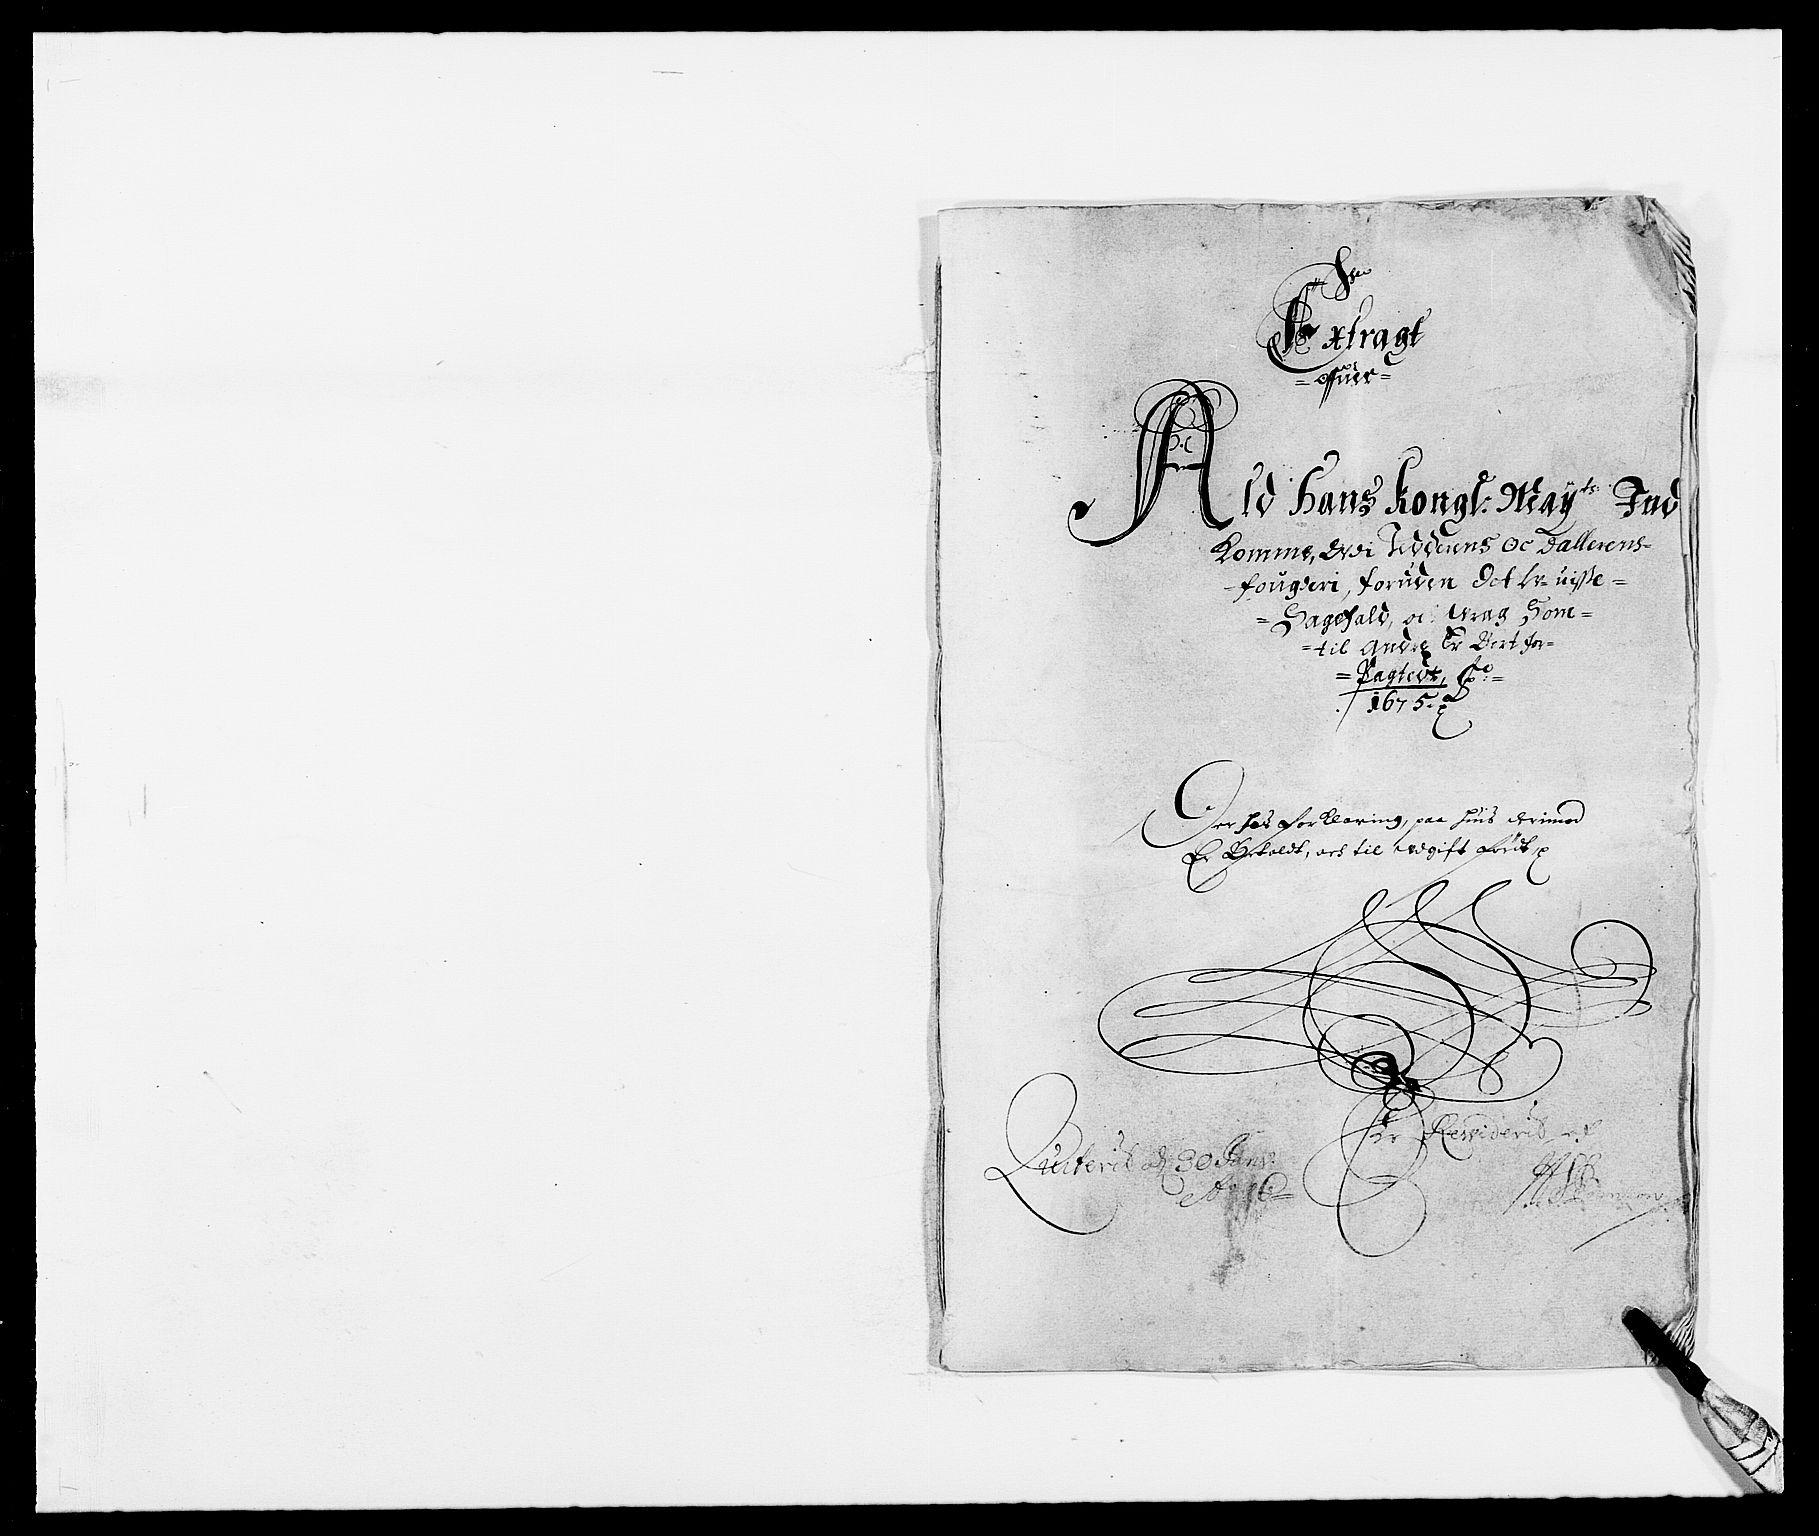 RA, Rentekammeret inntil 1814, Reviderte regnskaper, Fogderegnskap, R46/L2715: Fogderegnskap Jæren og Dalane, 1675, s. 1